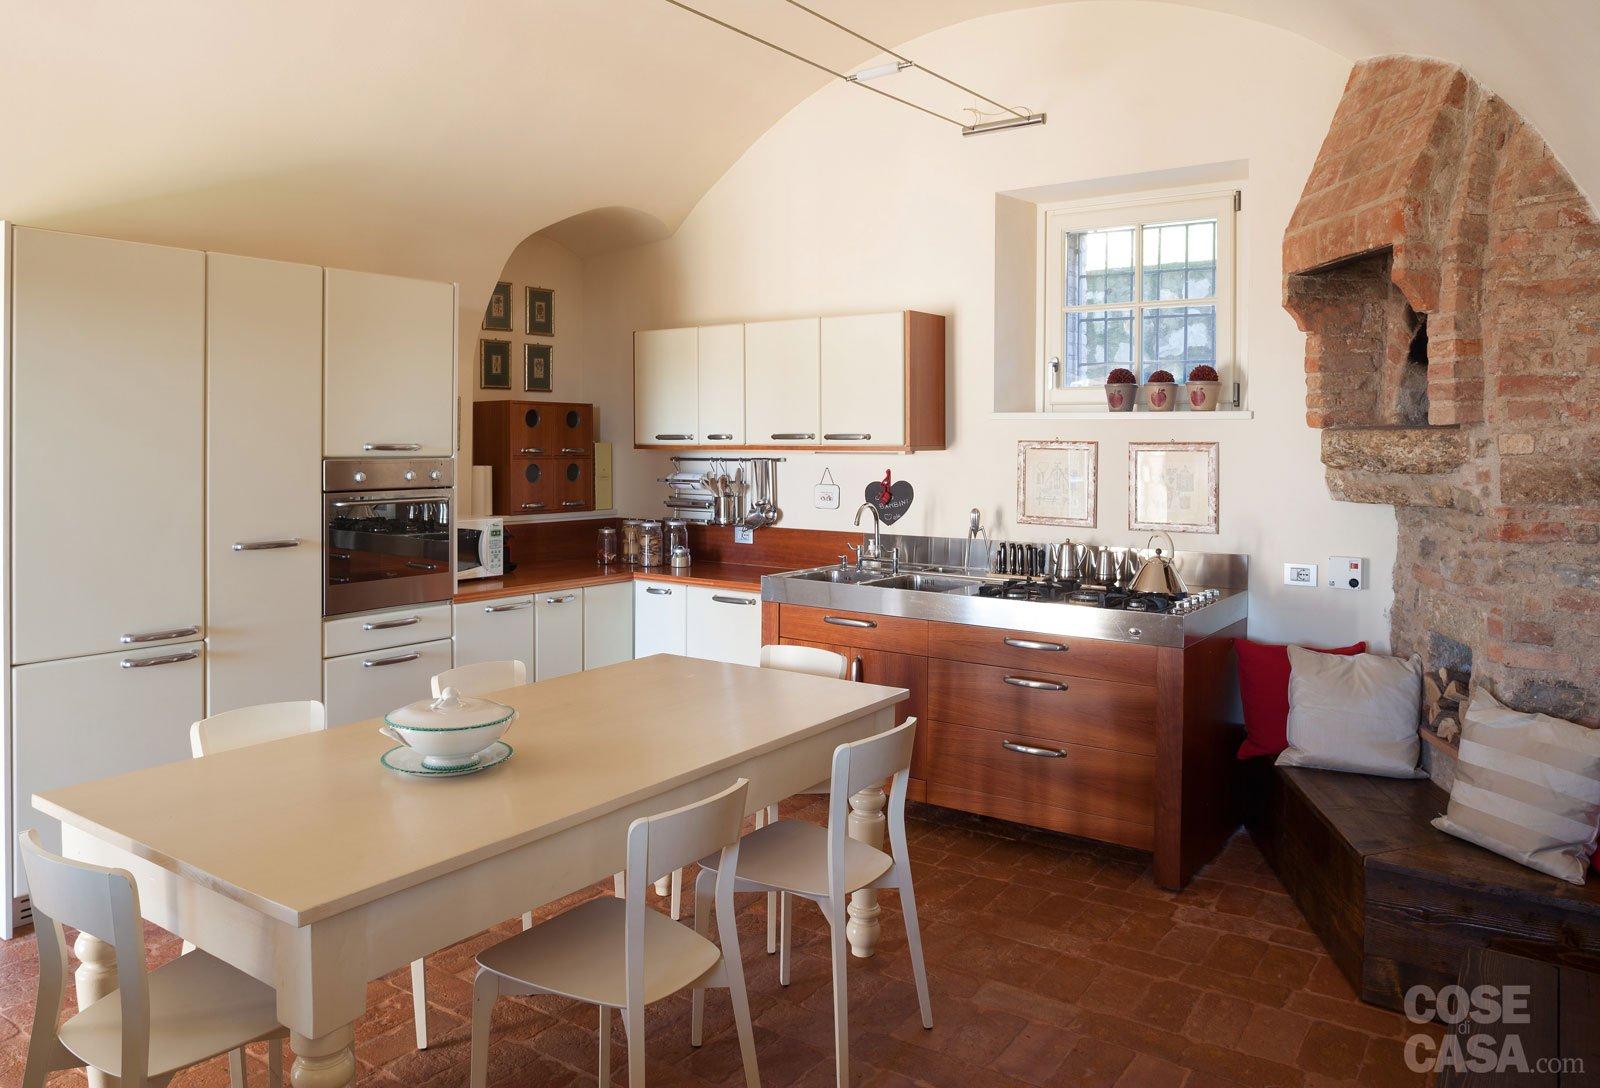 Una casa con ambienti moderni a sfondo rustico cose di casa for Piccoli piani di casa in florida